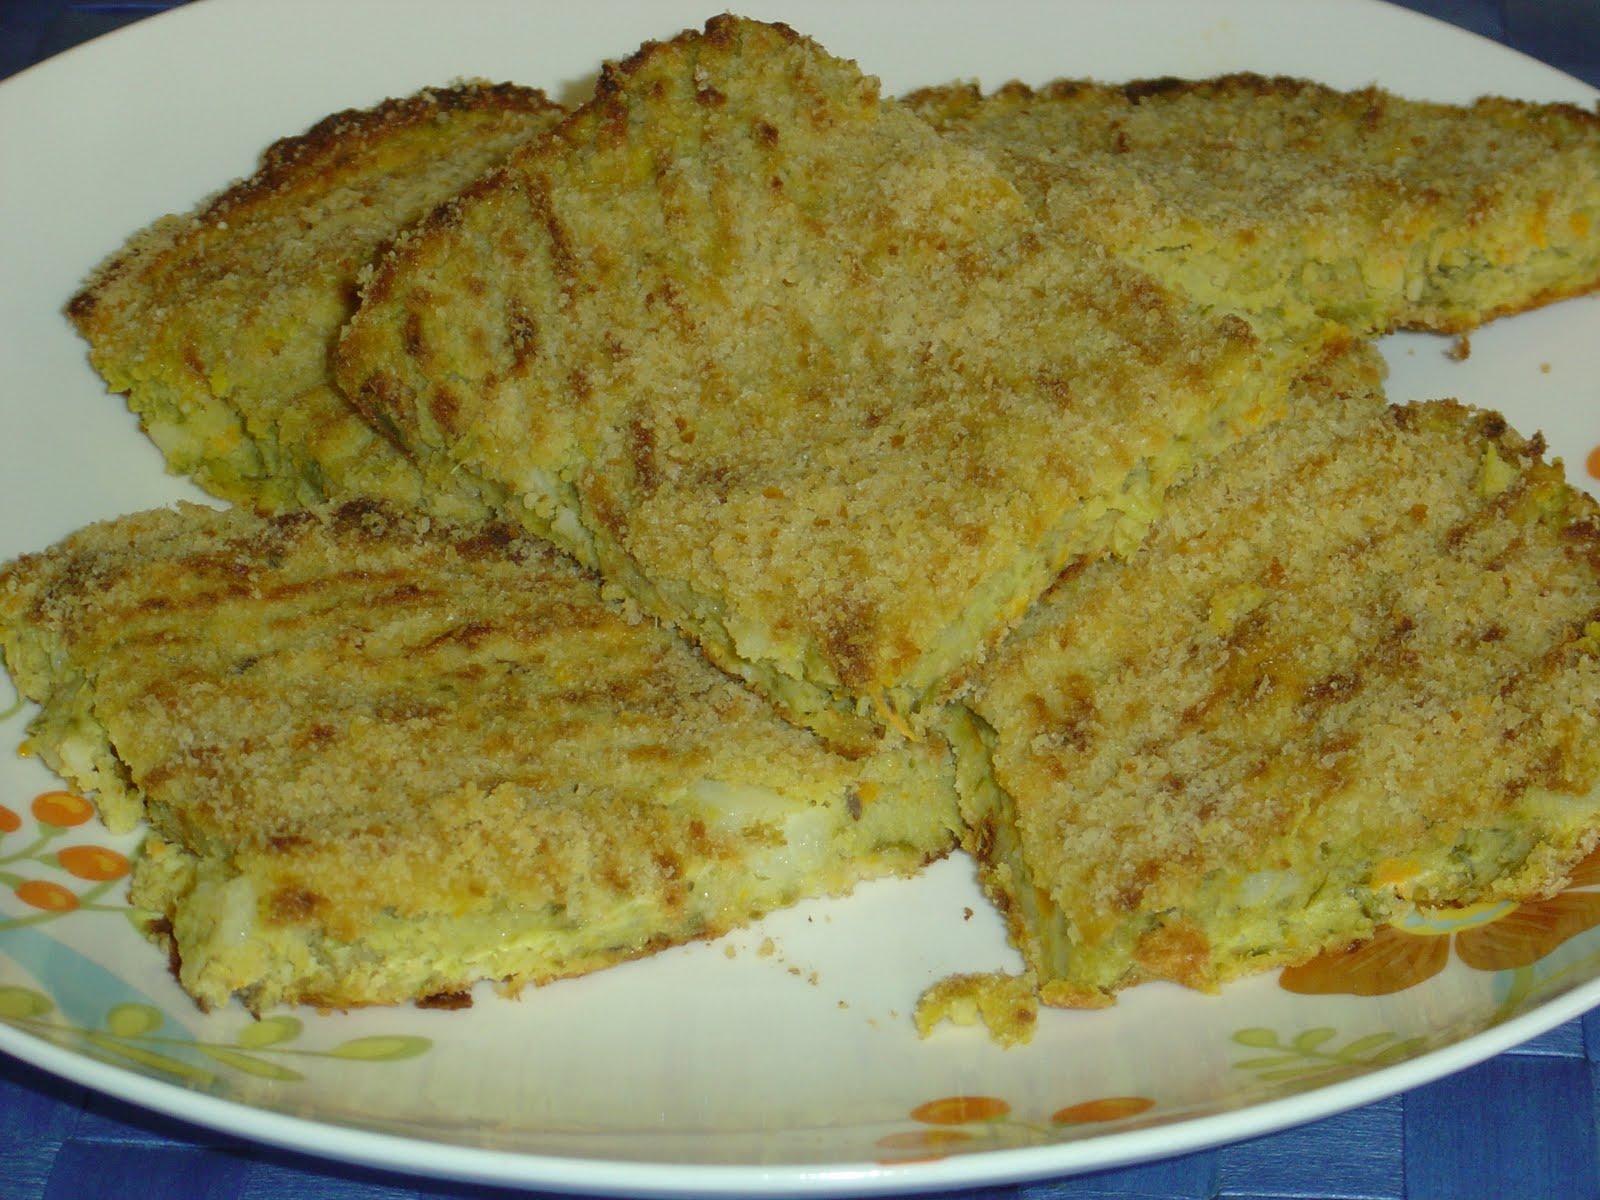 Ricetta Polpettone Patate E Fagiolini Le Ricette Dello Share The  #68490F 1600 1200 Polpettone Classico Cucina